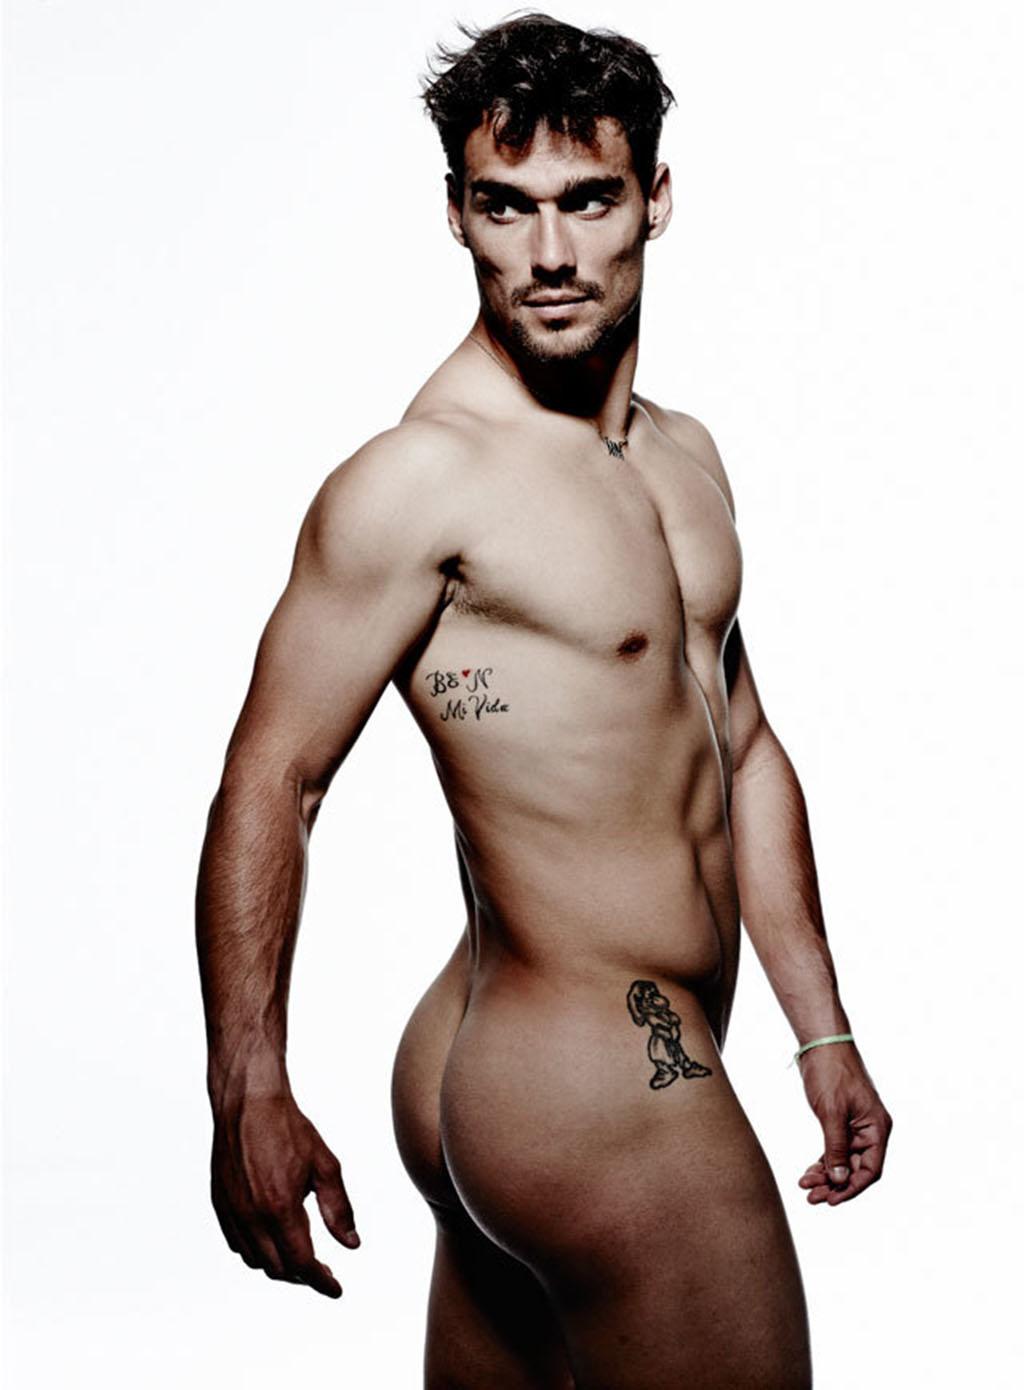 Fabio Fognini naked 1024